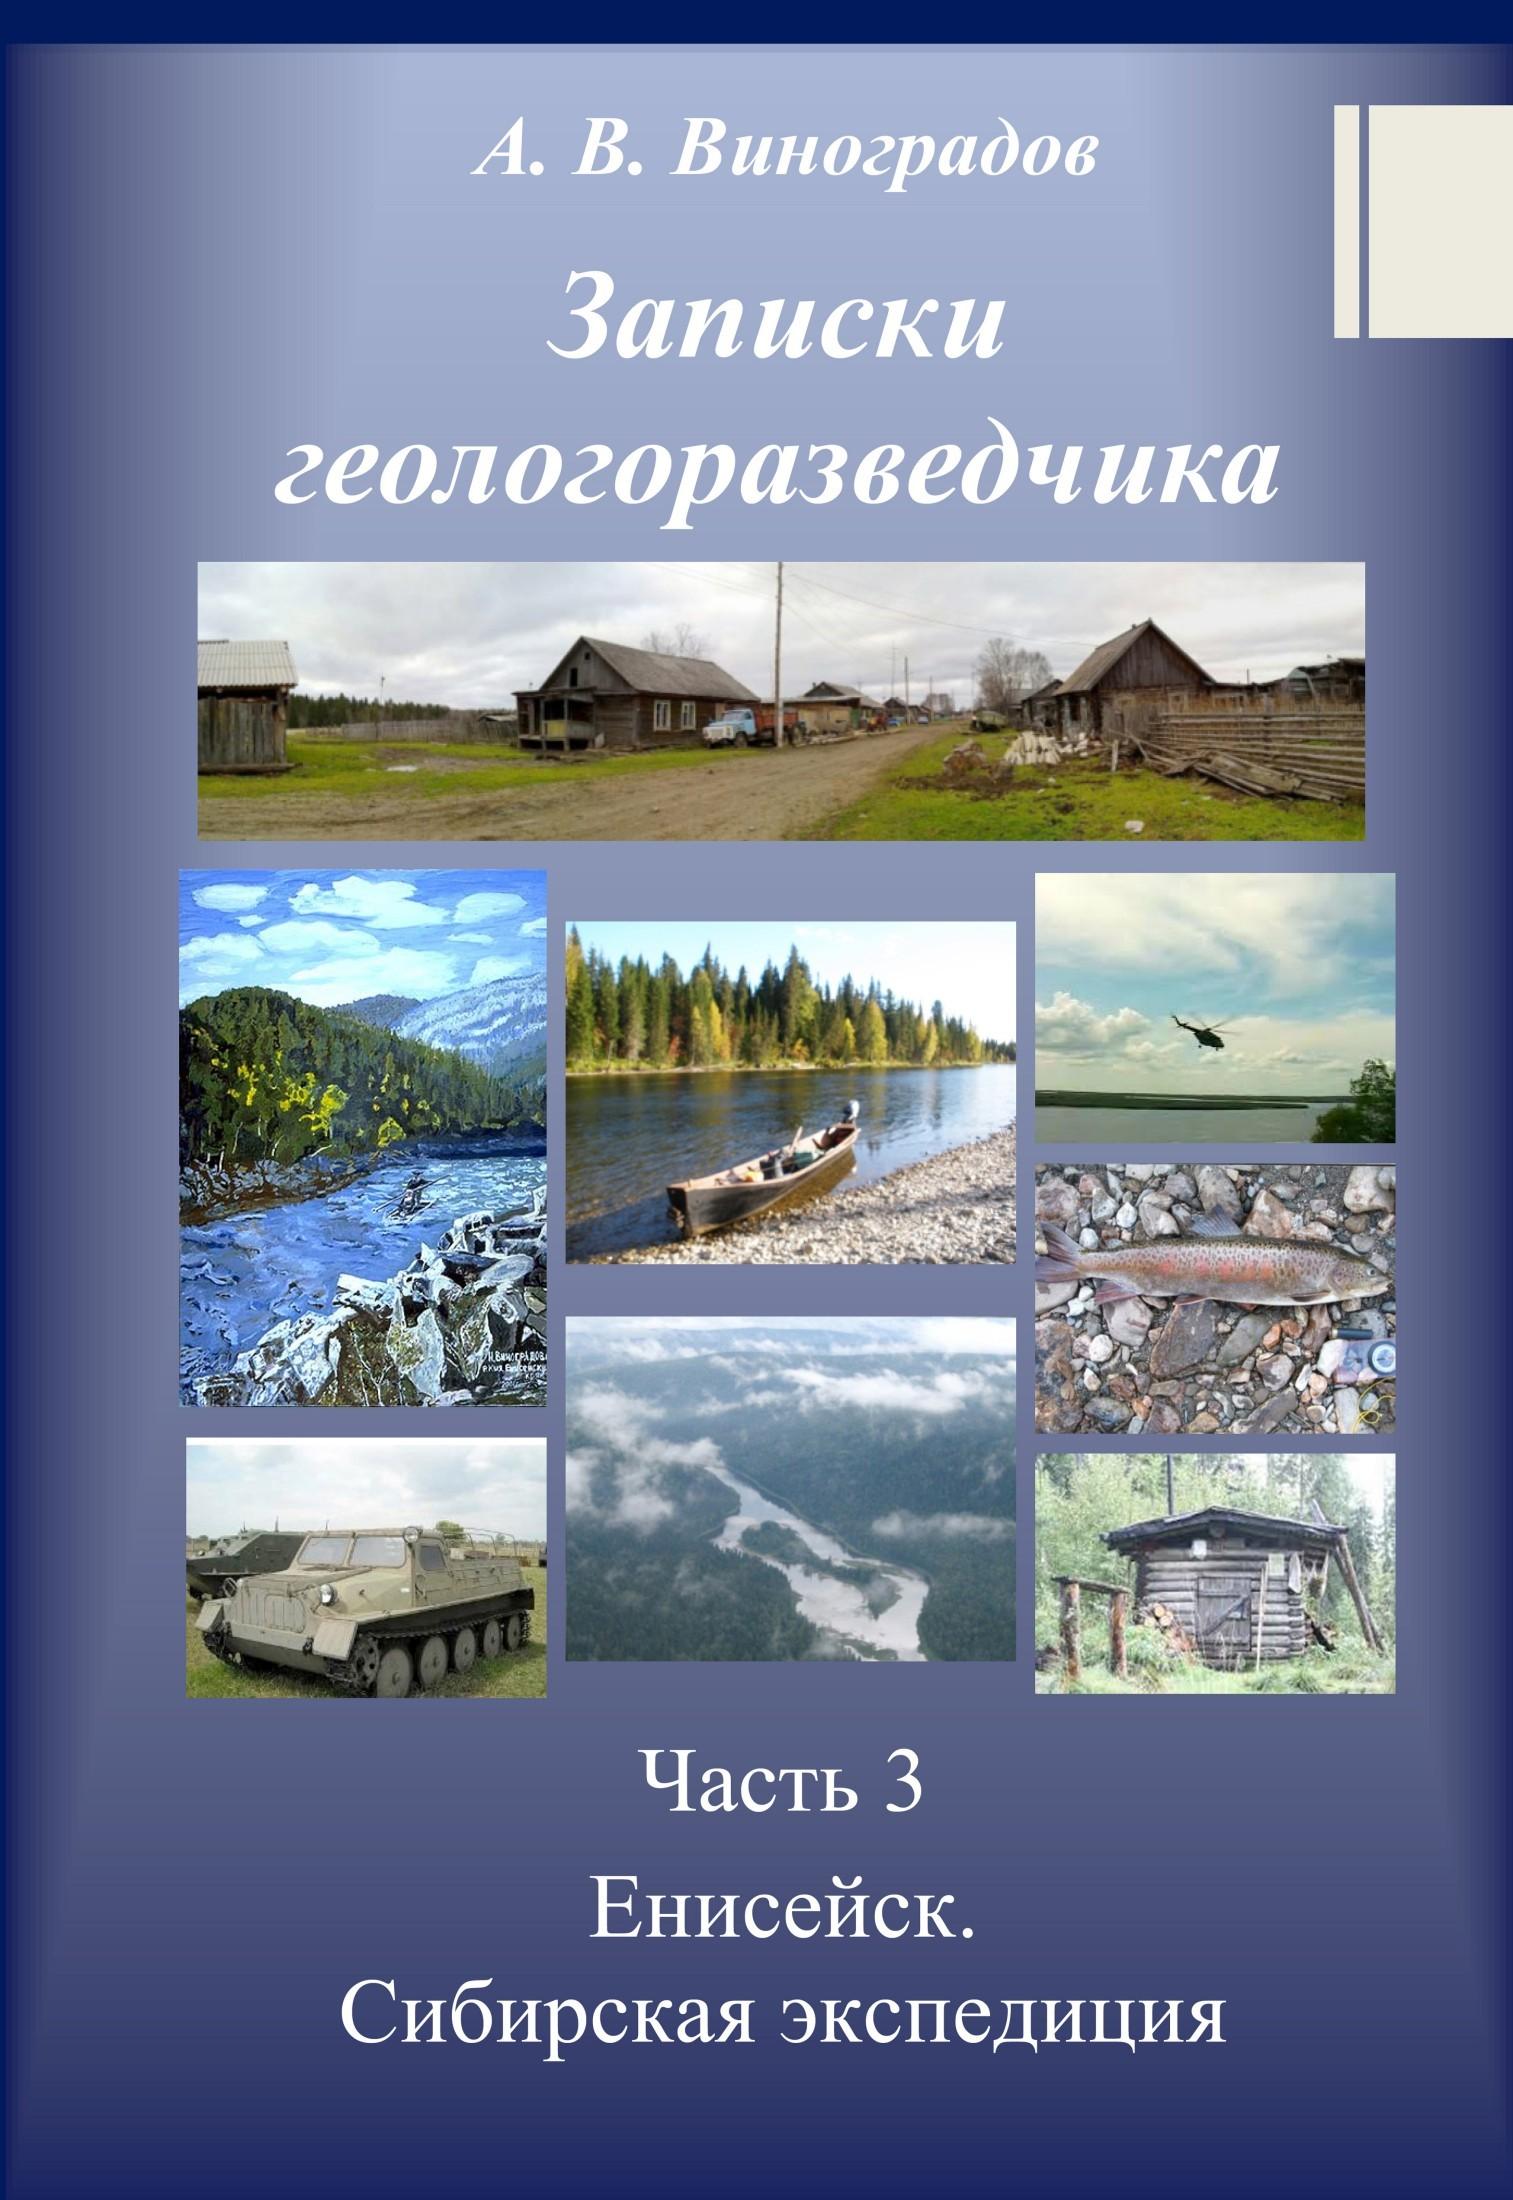 chast 3 eniseysk sibirskaya ekspeditsiya